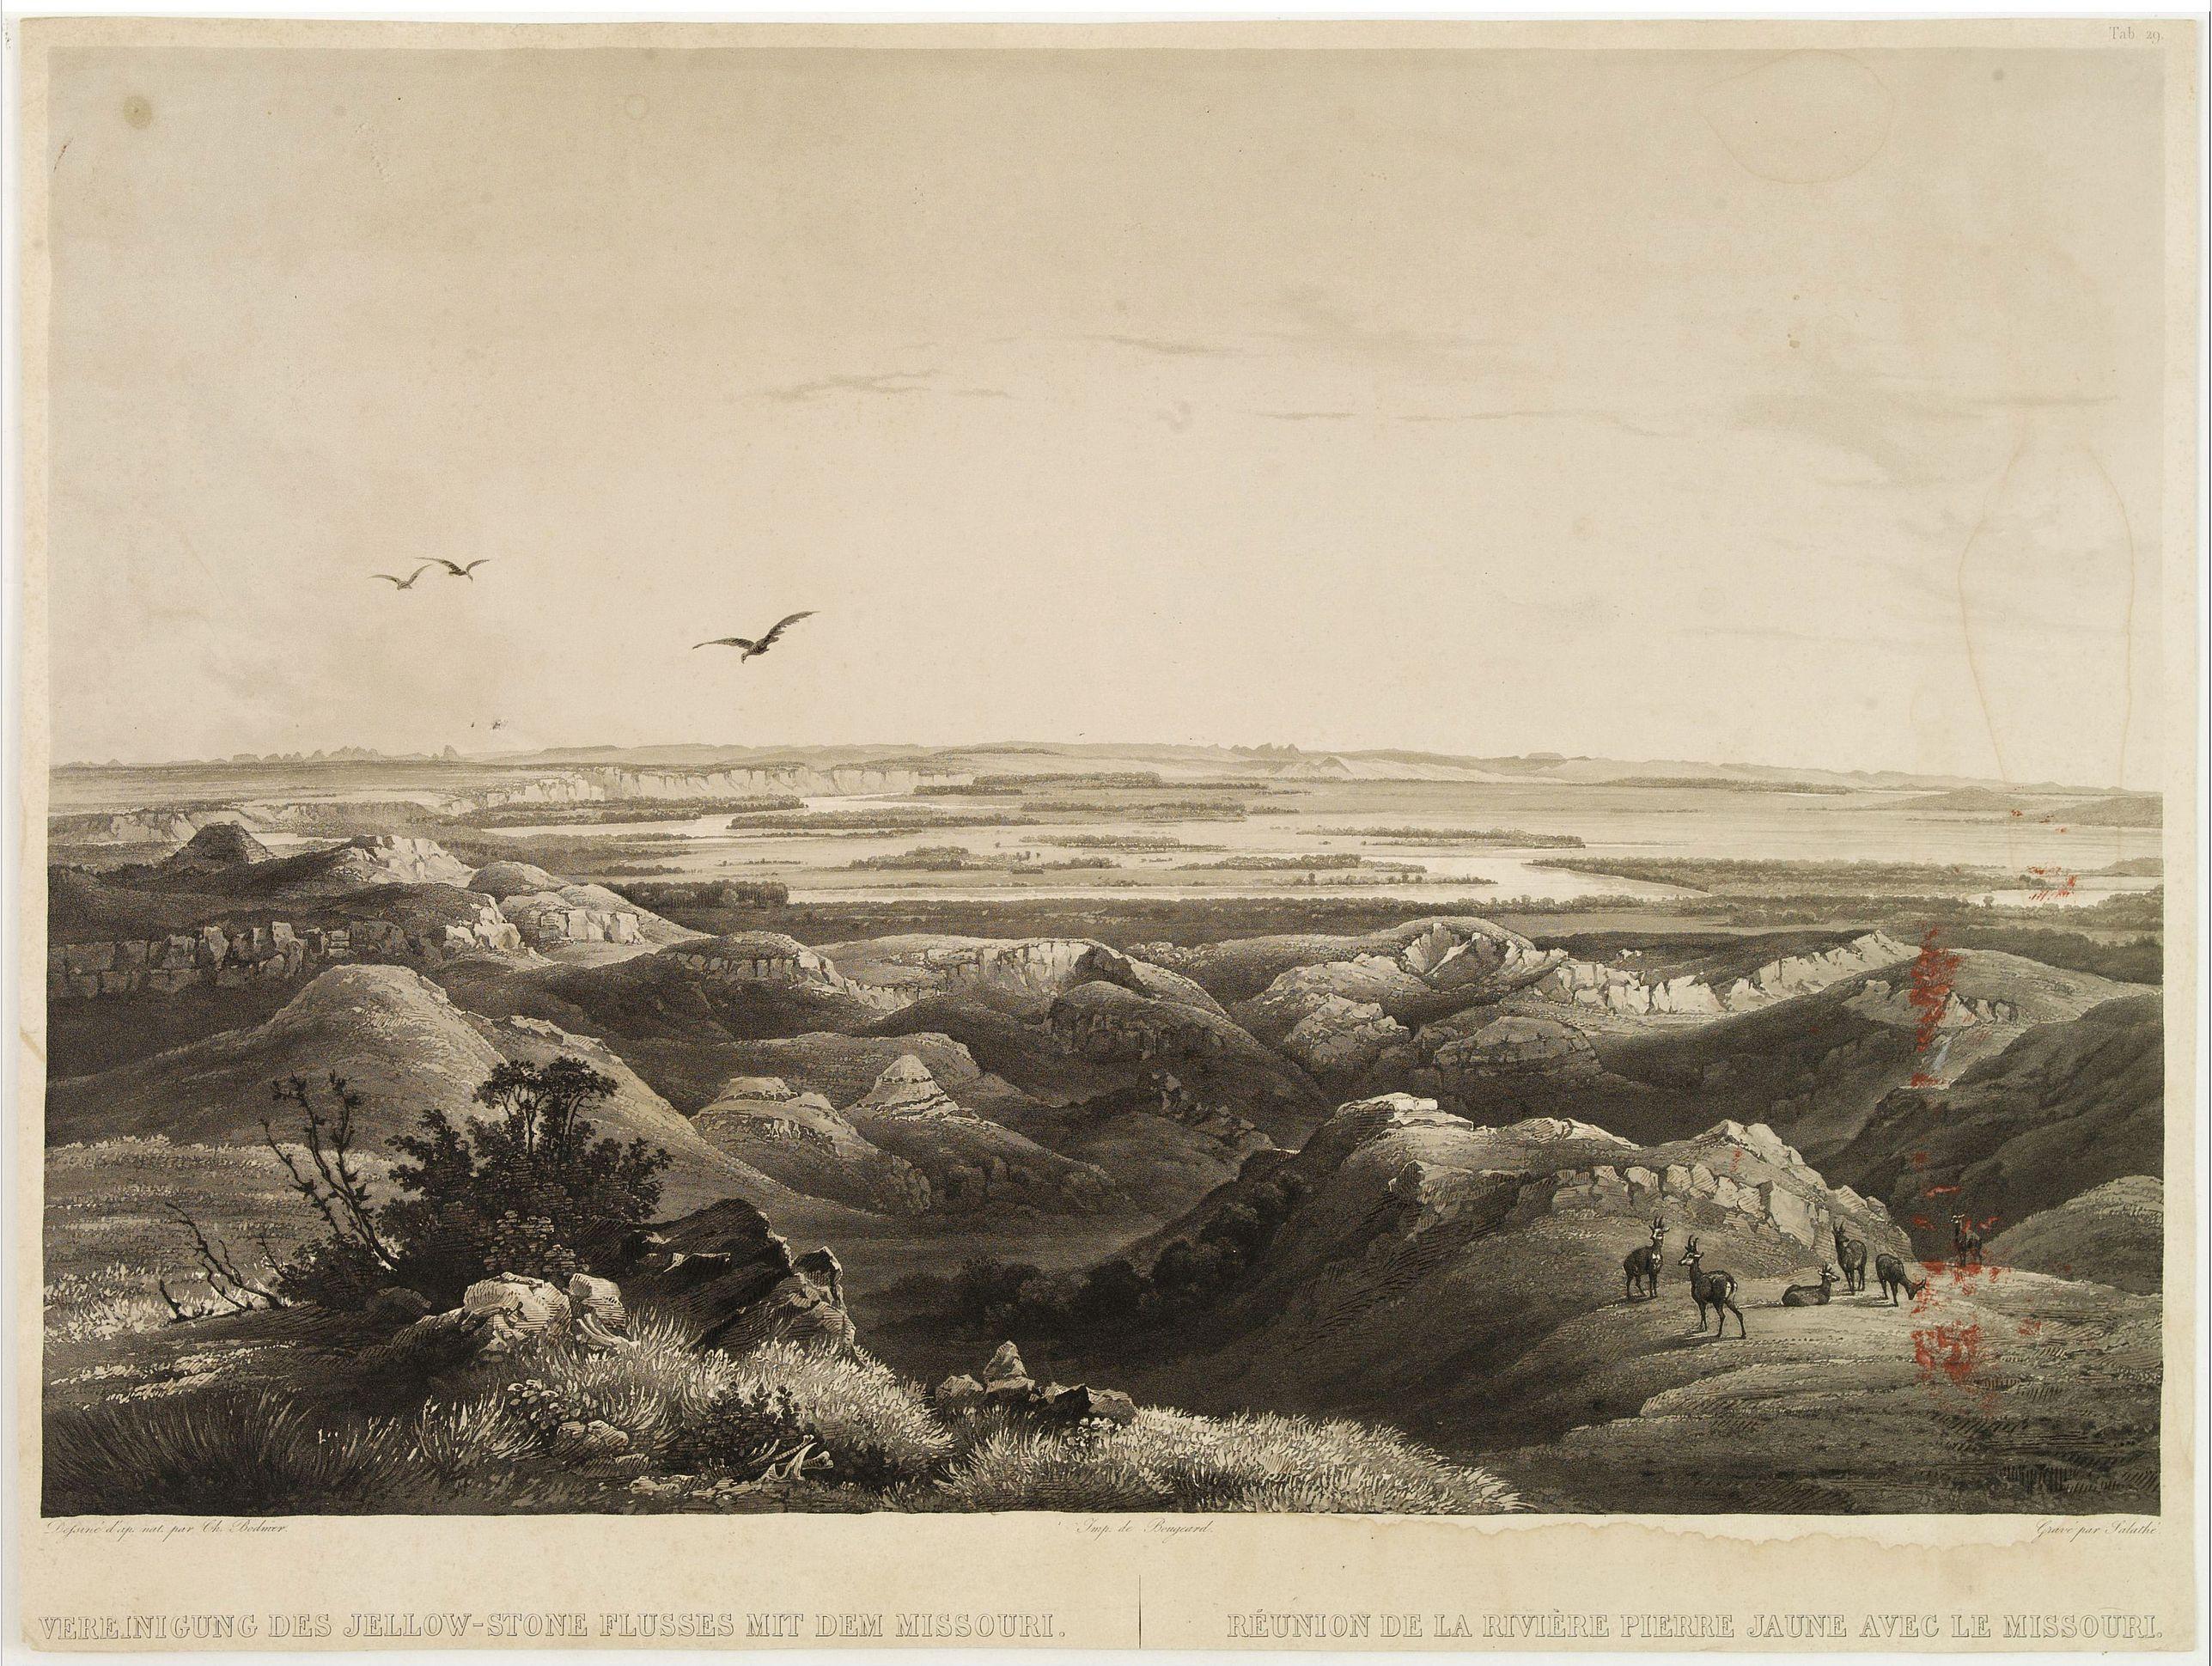 BODMER,C. -  Réunion de la riviere Pierre Jaune avec le Missouri.